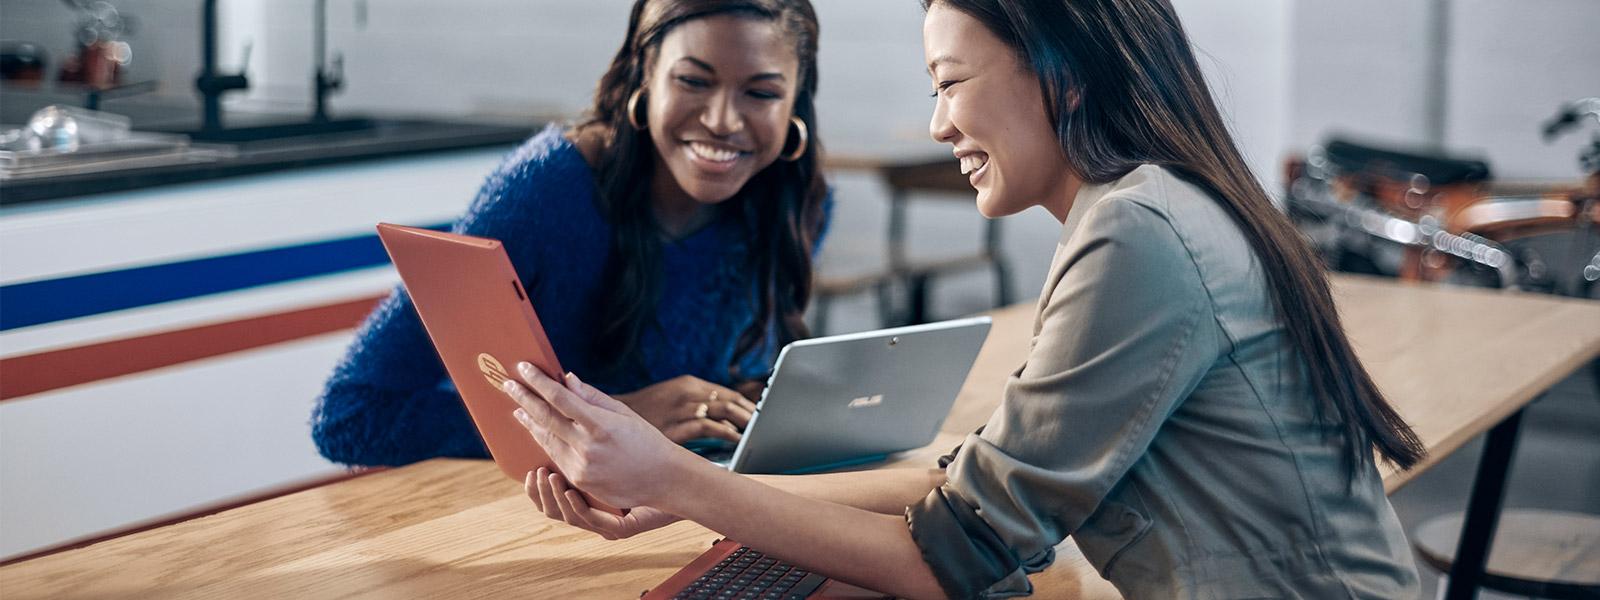 Dve ženy sedia za stolom a pozerajú sa na obrazovku tabletu, ktorú medzi nimi drží druhá žena